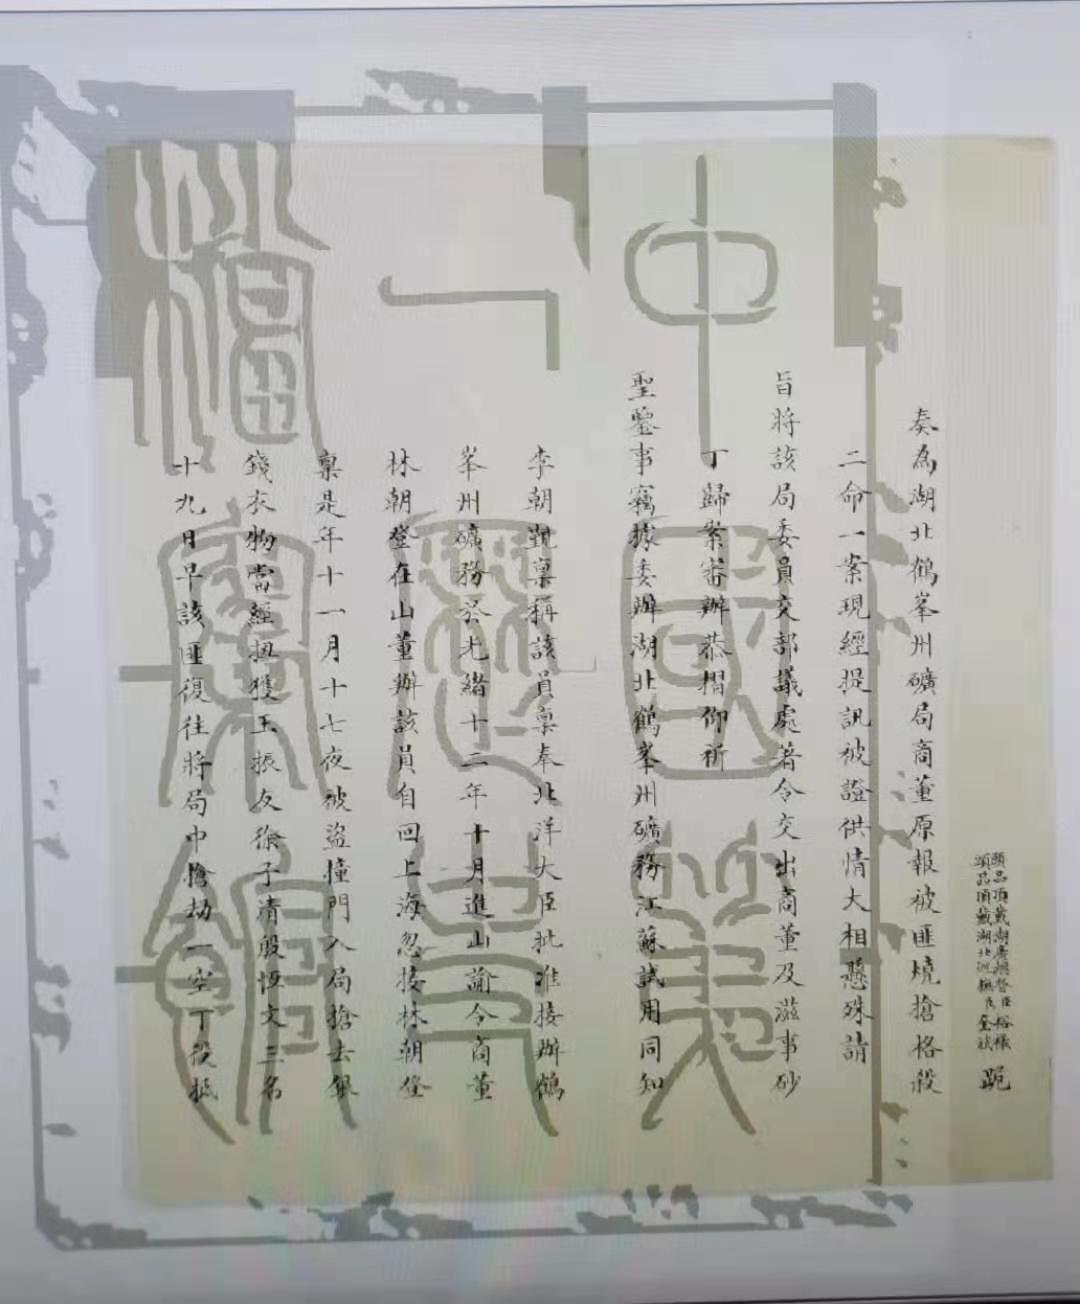 林子成鹤峰州铜矿官司  田野调查纪实